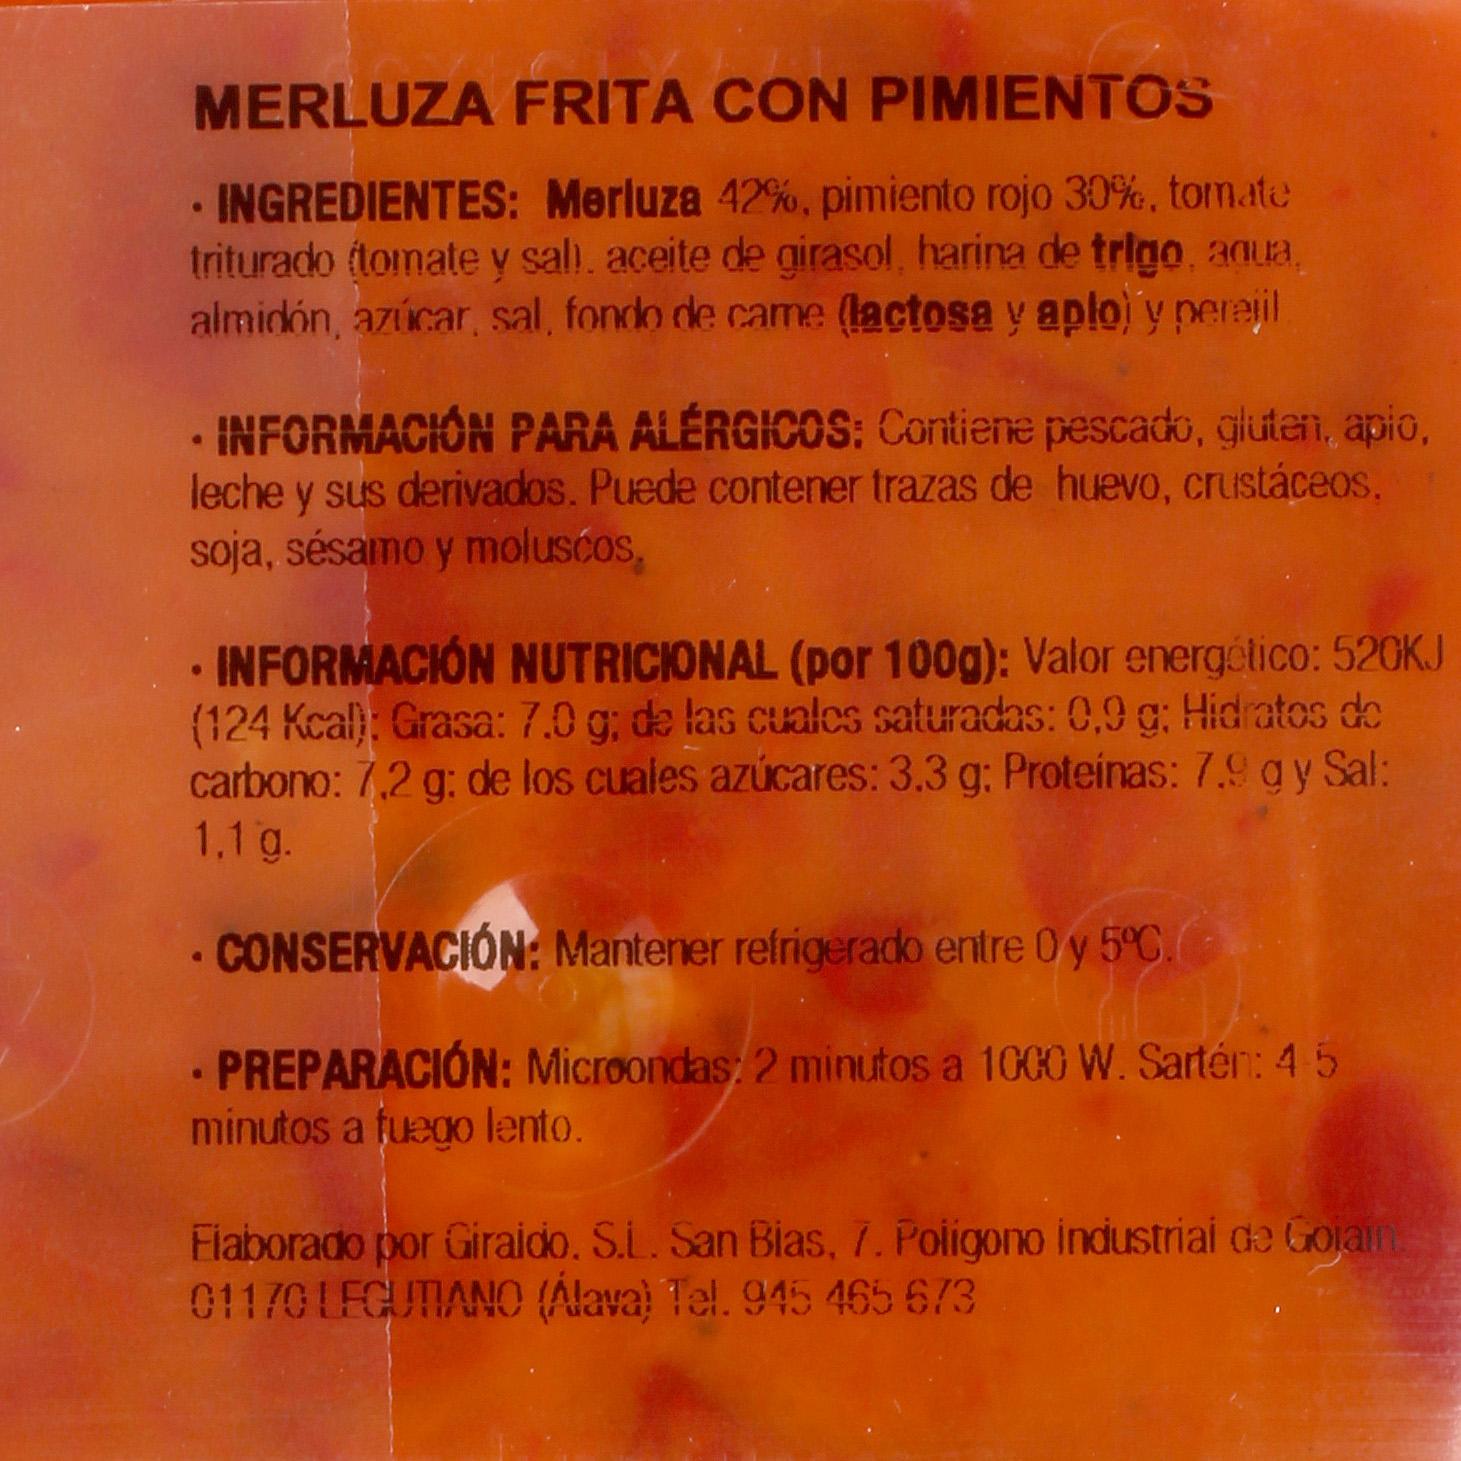 Merluza frita con pimientos Bacalao Giraldo 250 g - 3